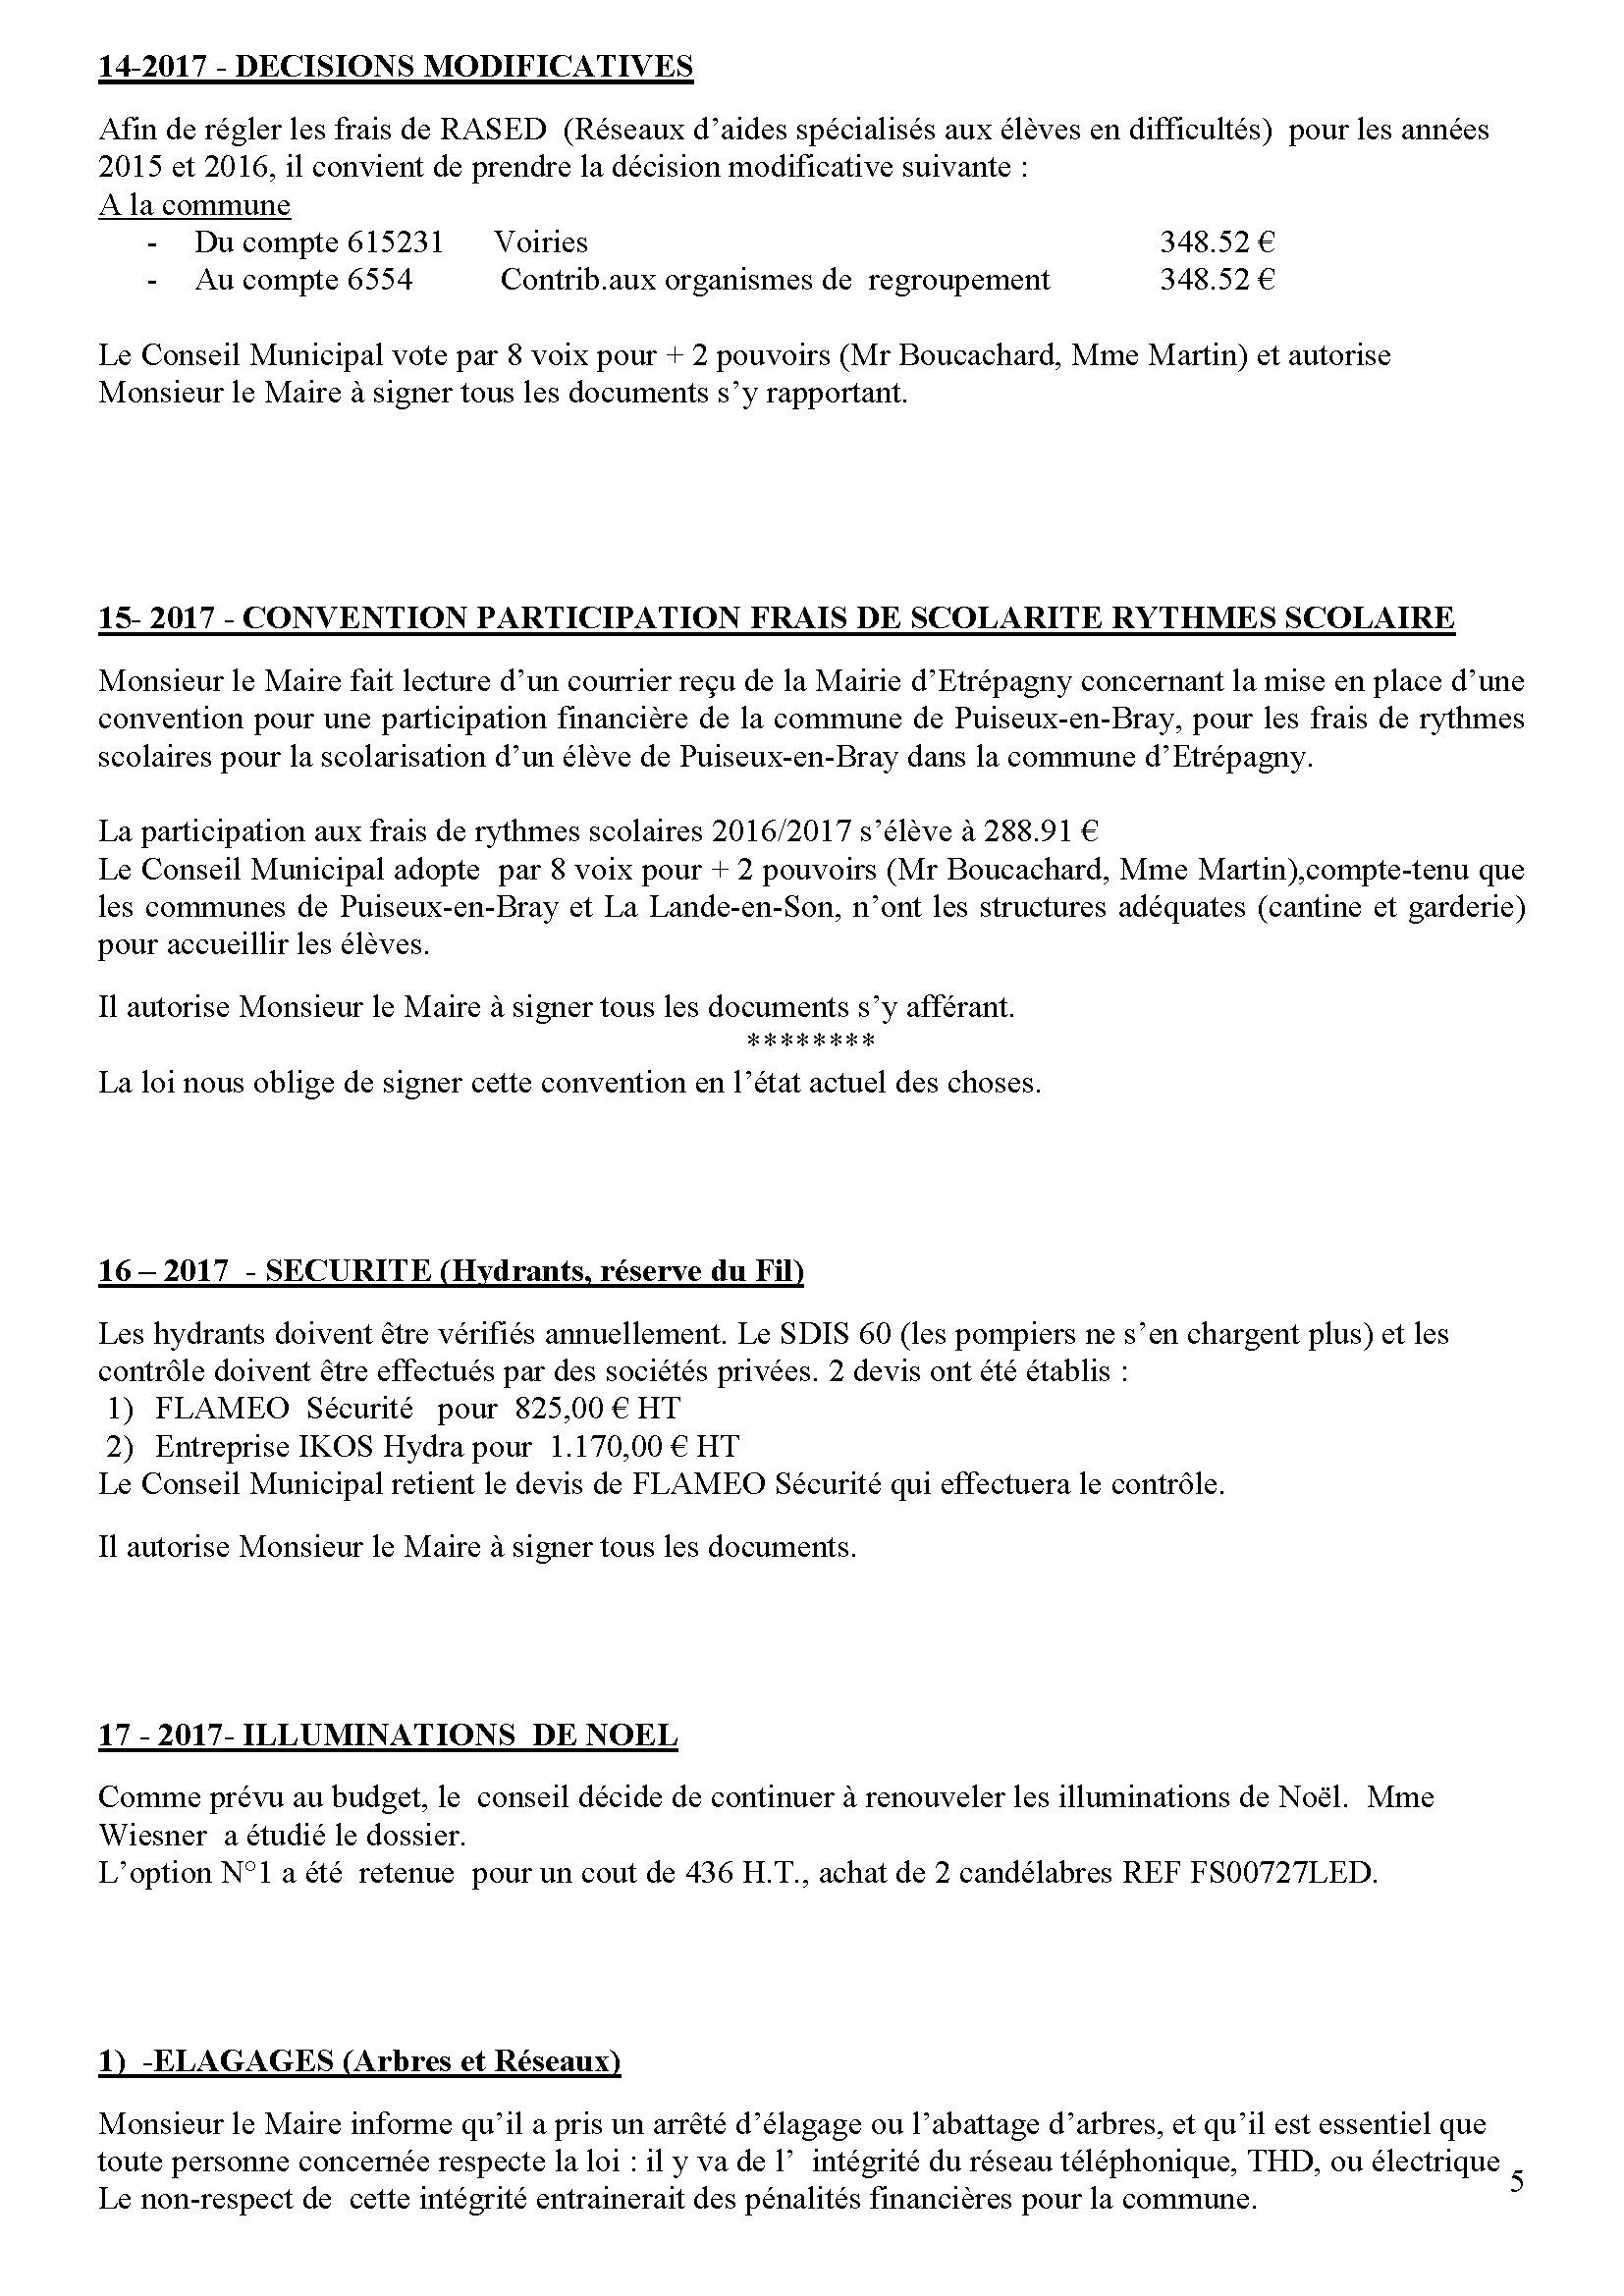 cr-du-19052017-page-5